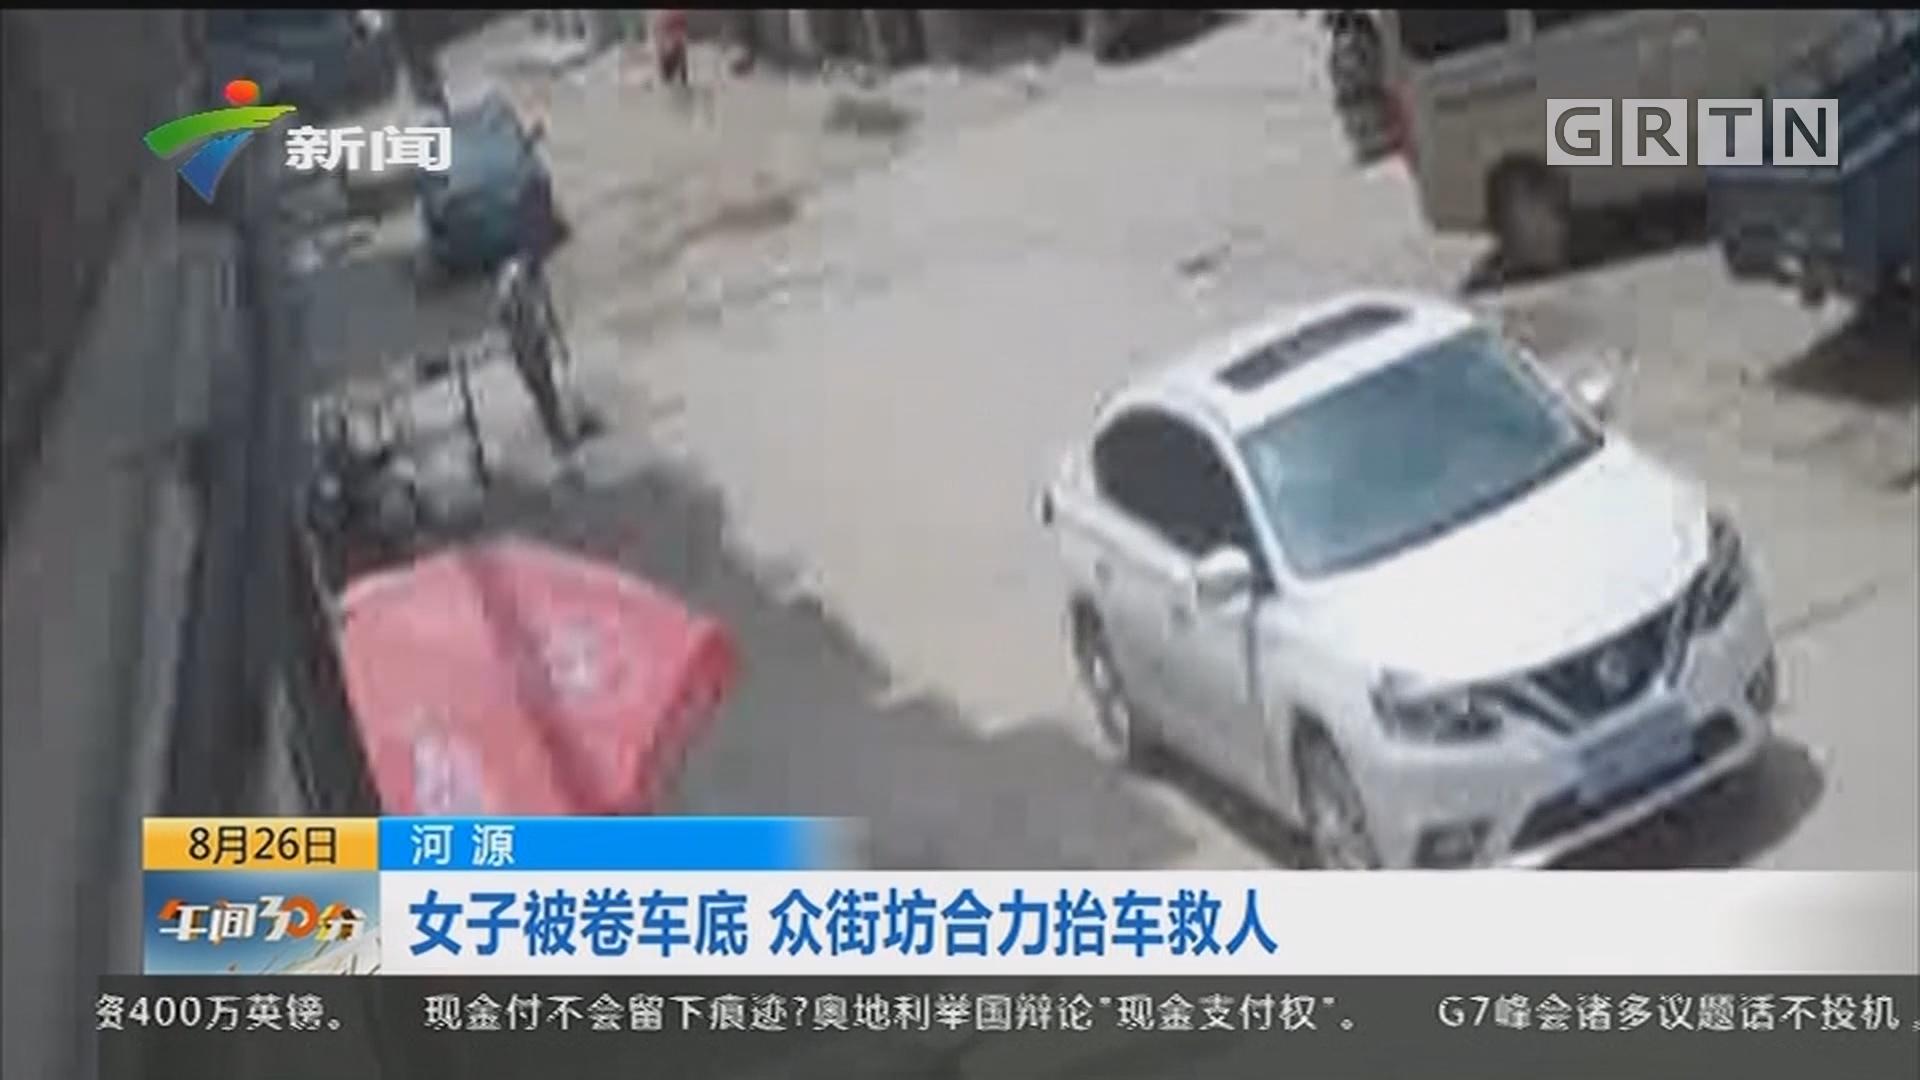 河源:女子被卷车底 众街坊合力抬车救人